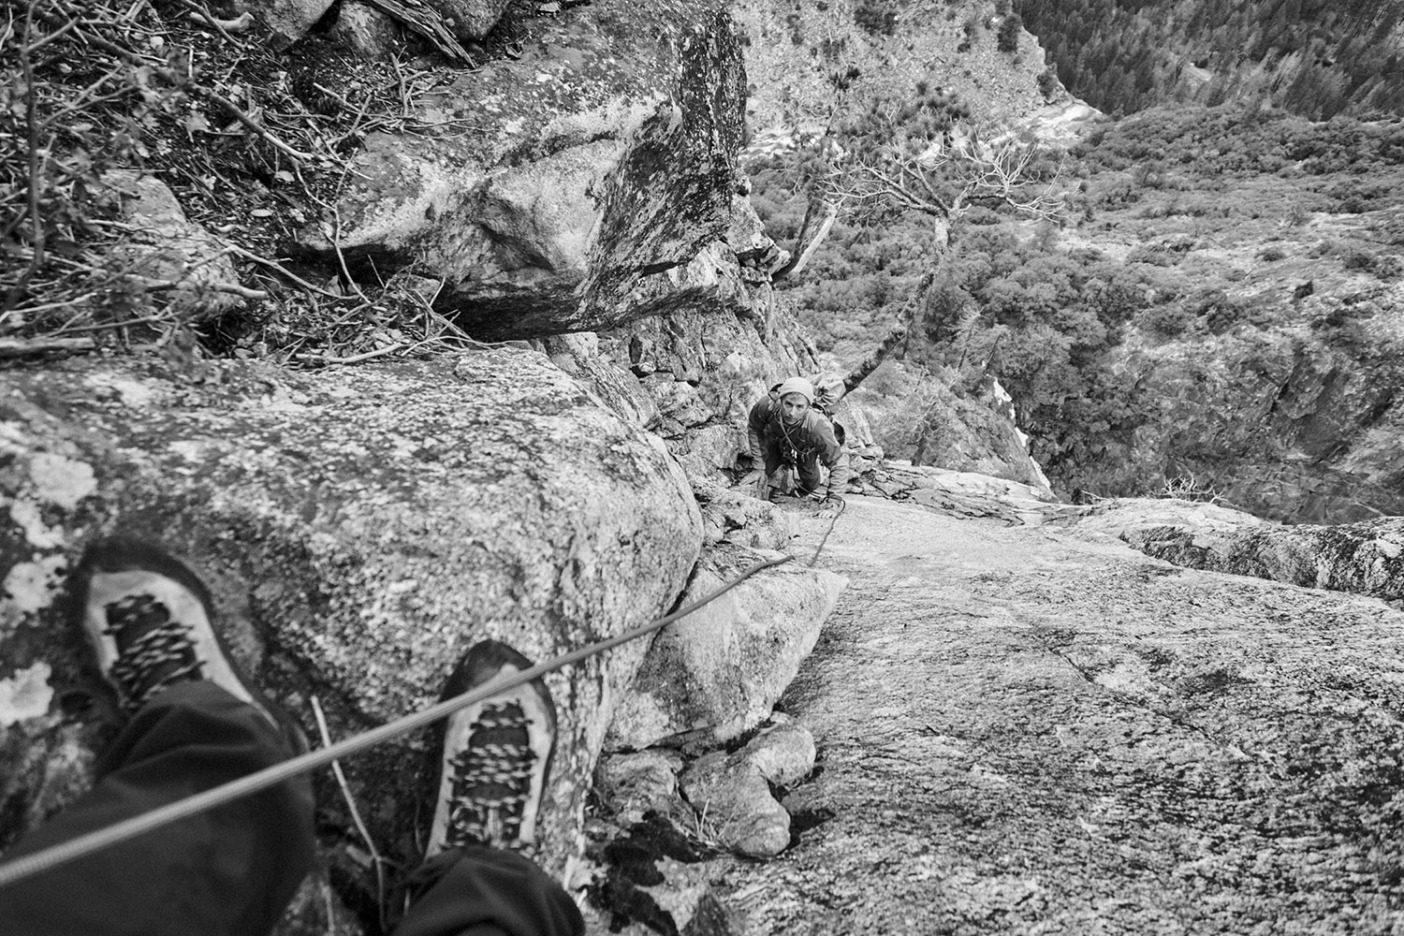 「ヨセミテ・バレーがこの国で最も影響力のある重要なロッククライミングエリアであることは、誰にも疑いのない事実である。またこの国最高のロッククライマーたちが、バレーを『クライマーとしての誕生地』とすることも事実だ」スティーブ・ローパー、『A Climber's Guide to Yosemite Valley』より Photo: Mikey Schaefer